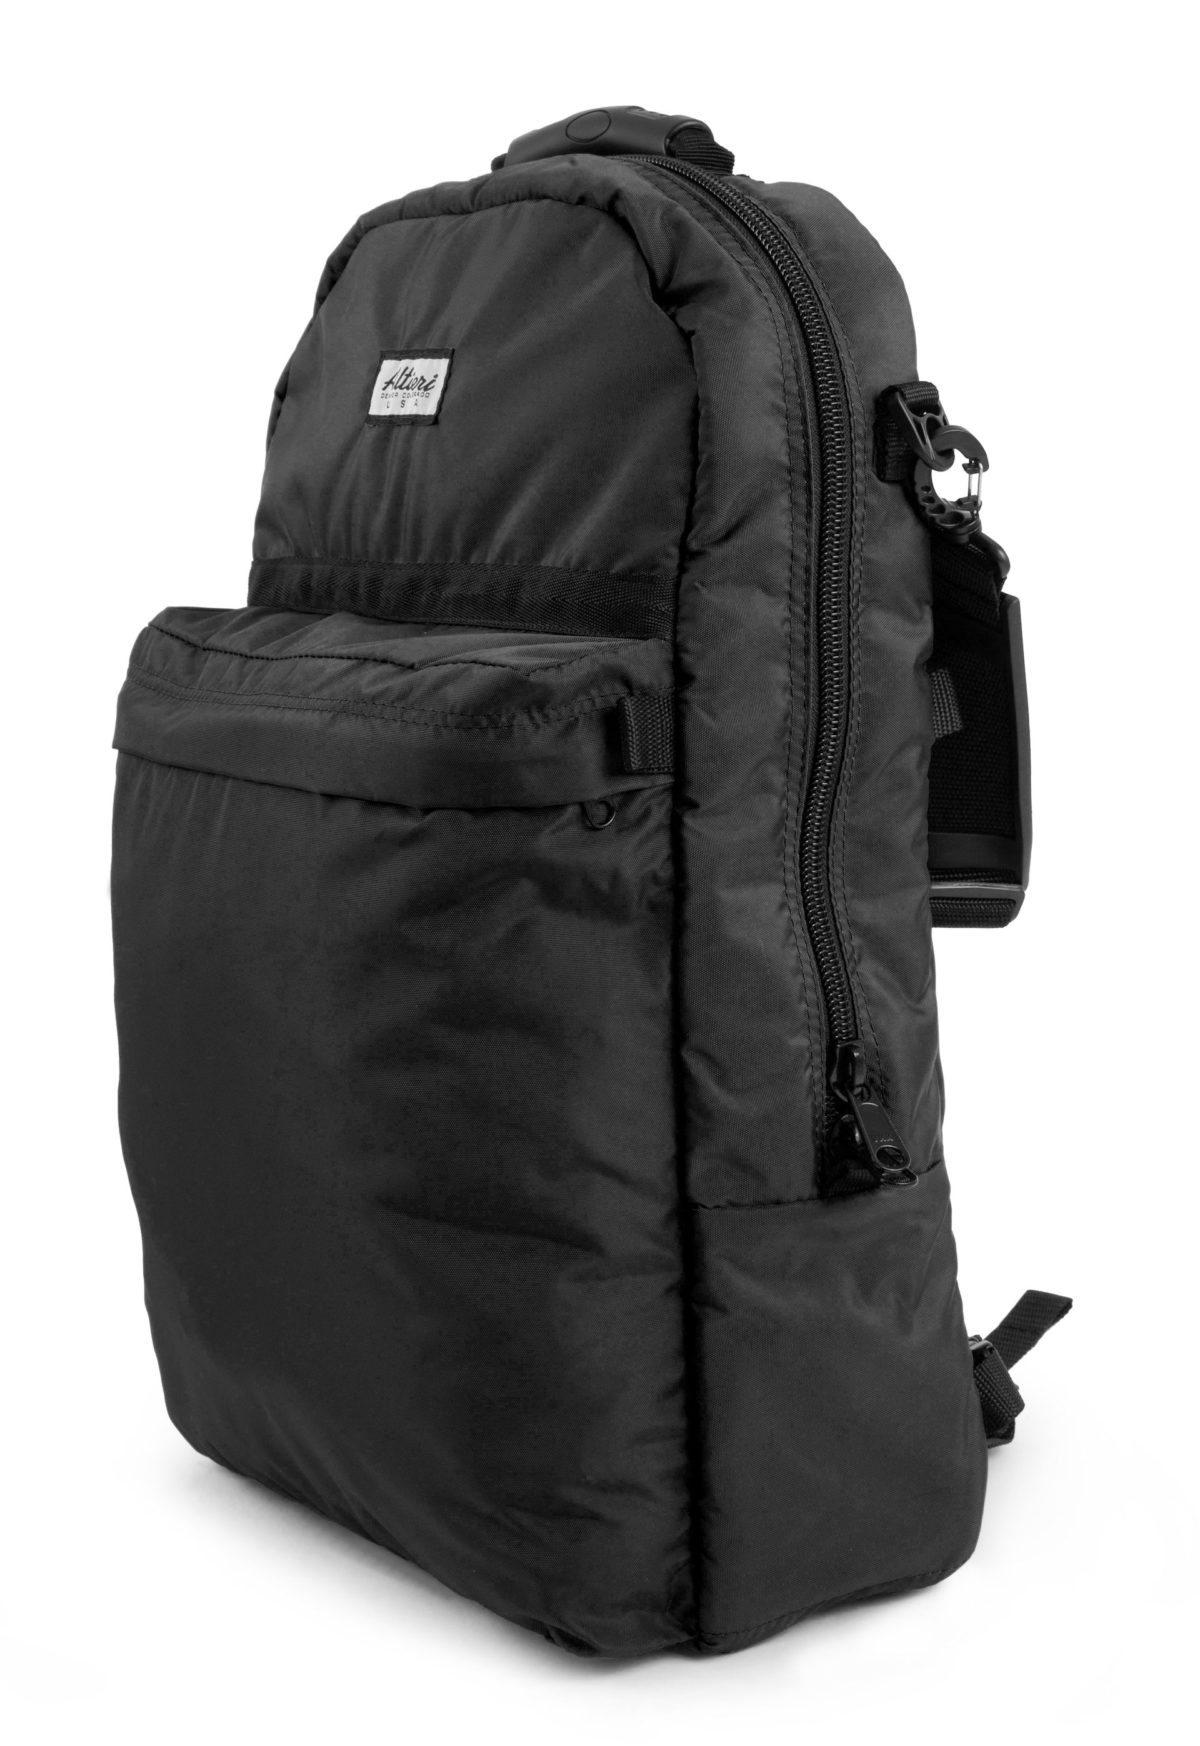 Altieri Alto Flute Backpack Side View AFBP 00 BK000